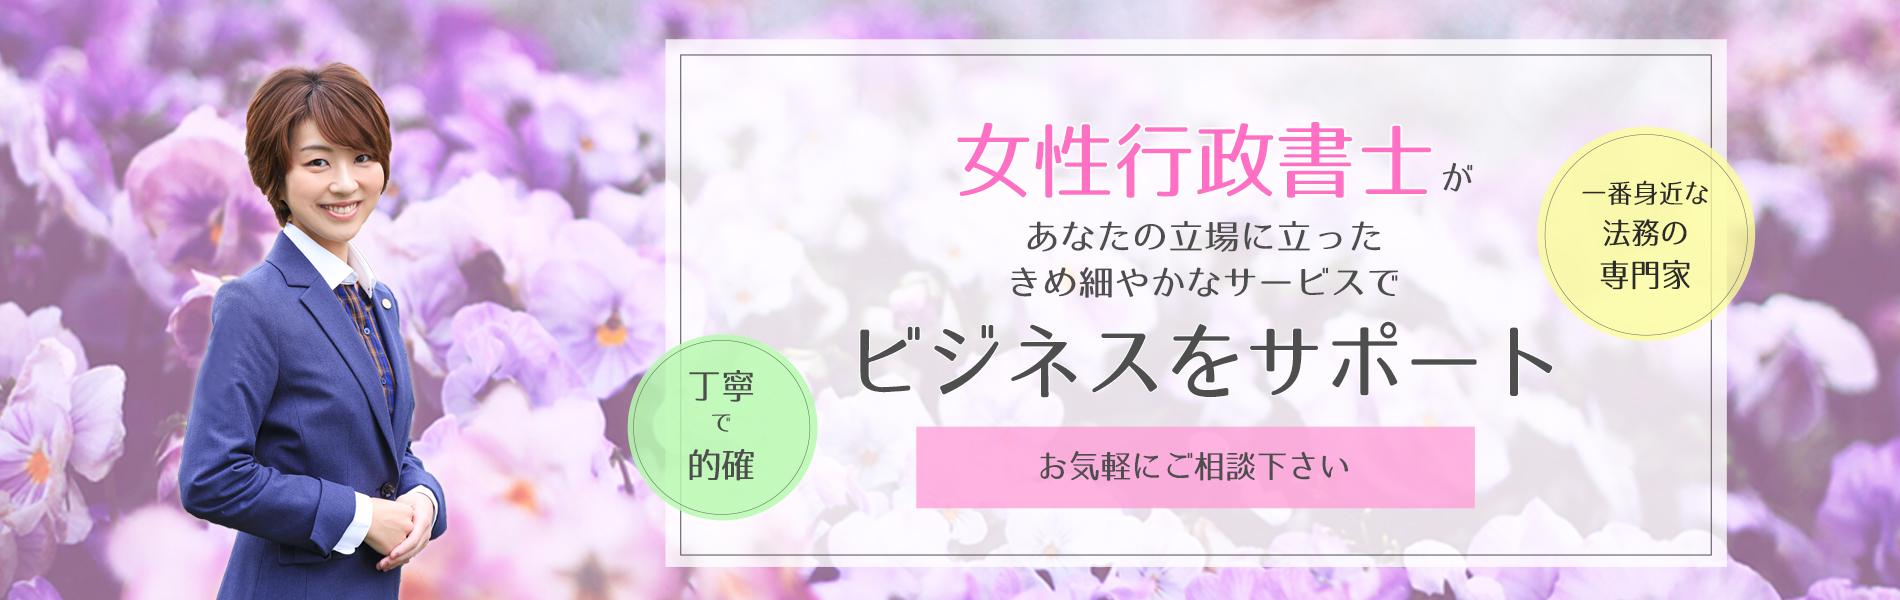 北海道札幌市の「すみれ行政書士事務所」へご相談ください。